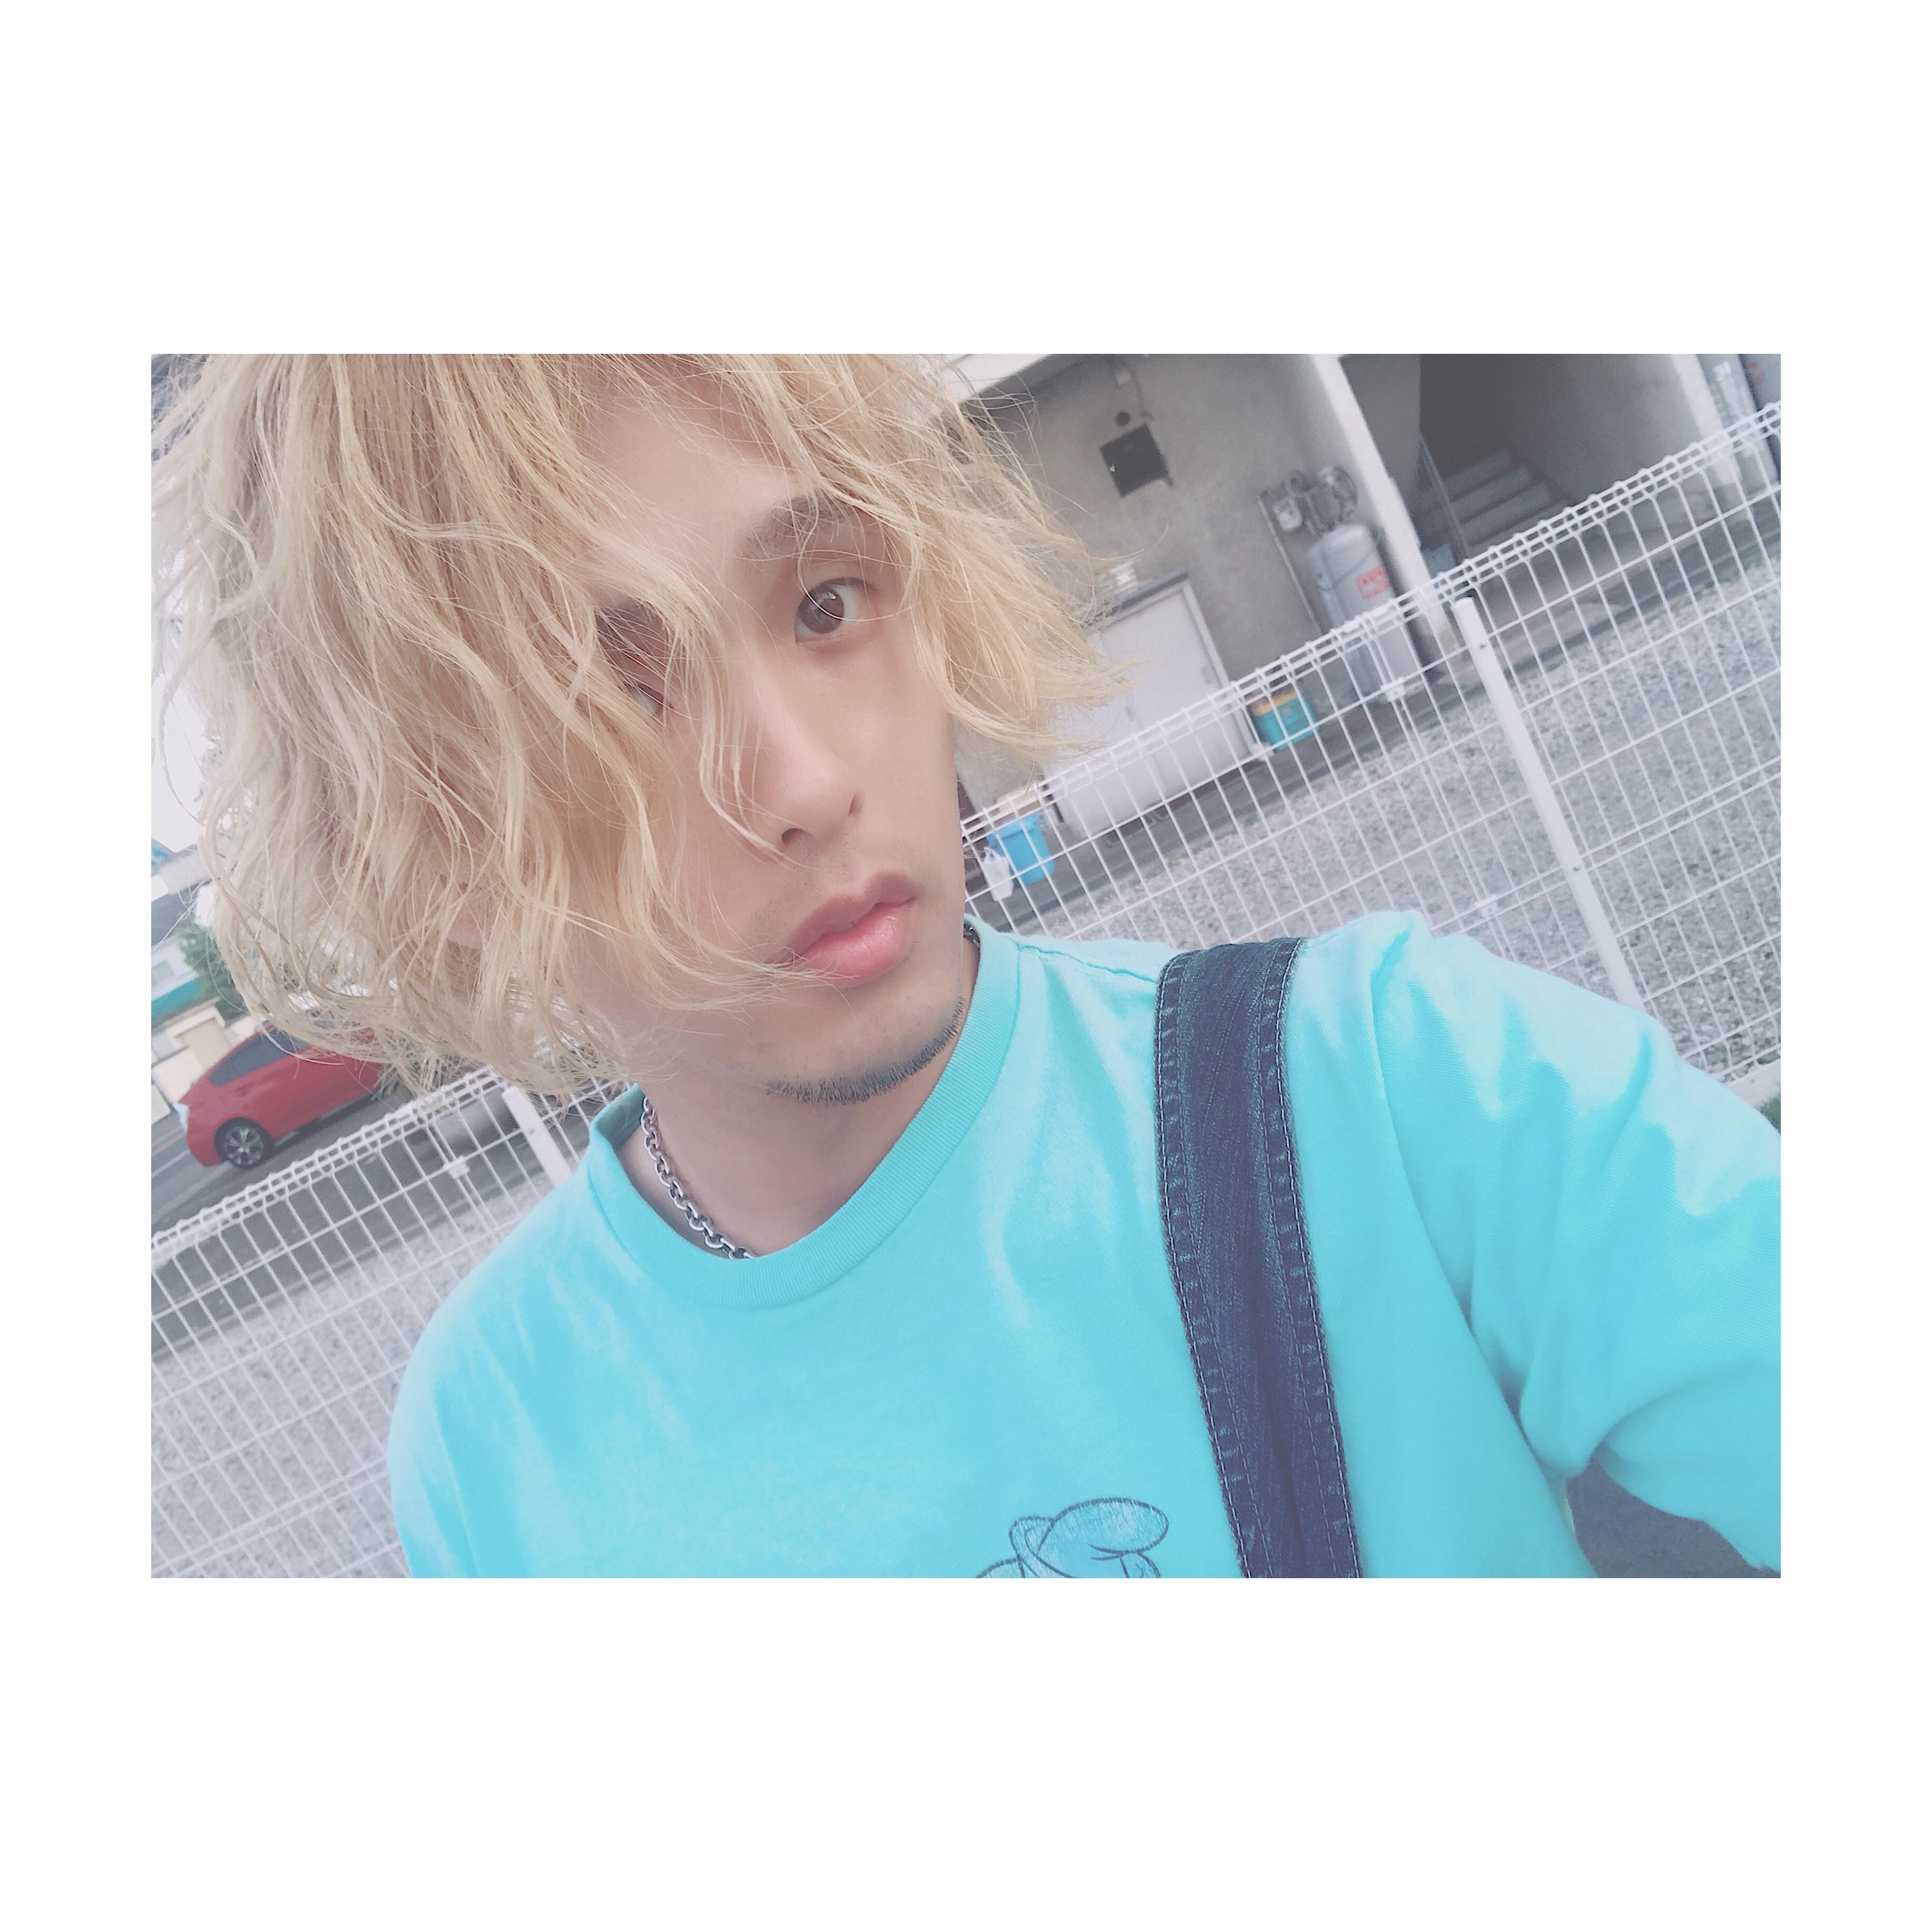 f:id:Yosuke0912:20180615190022j:image